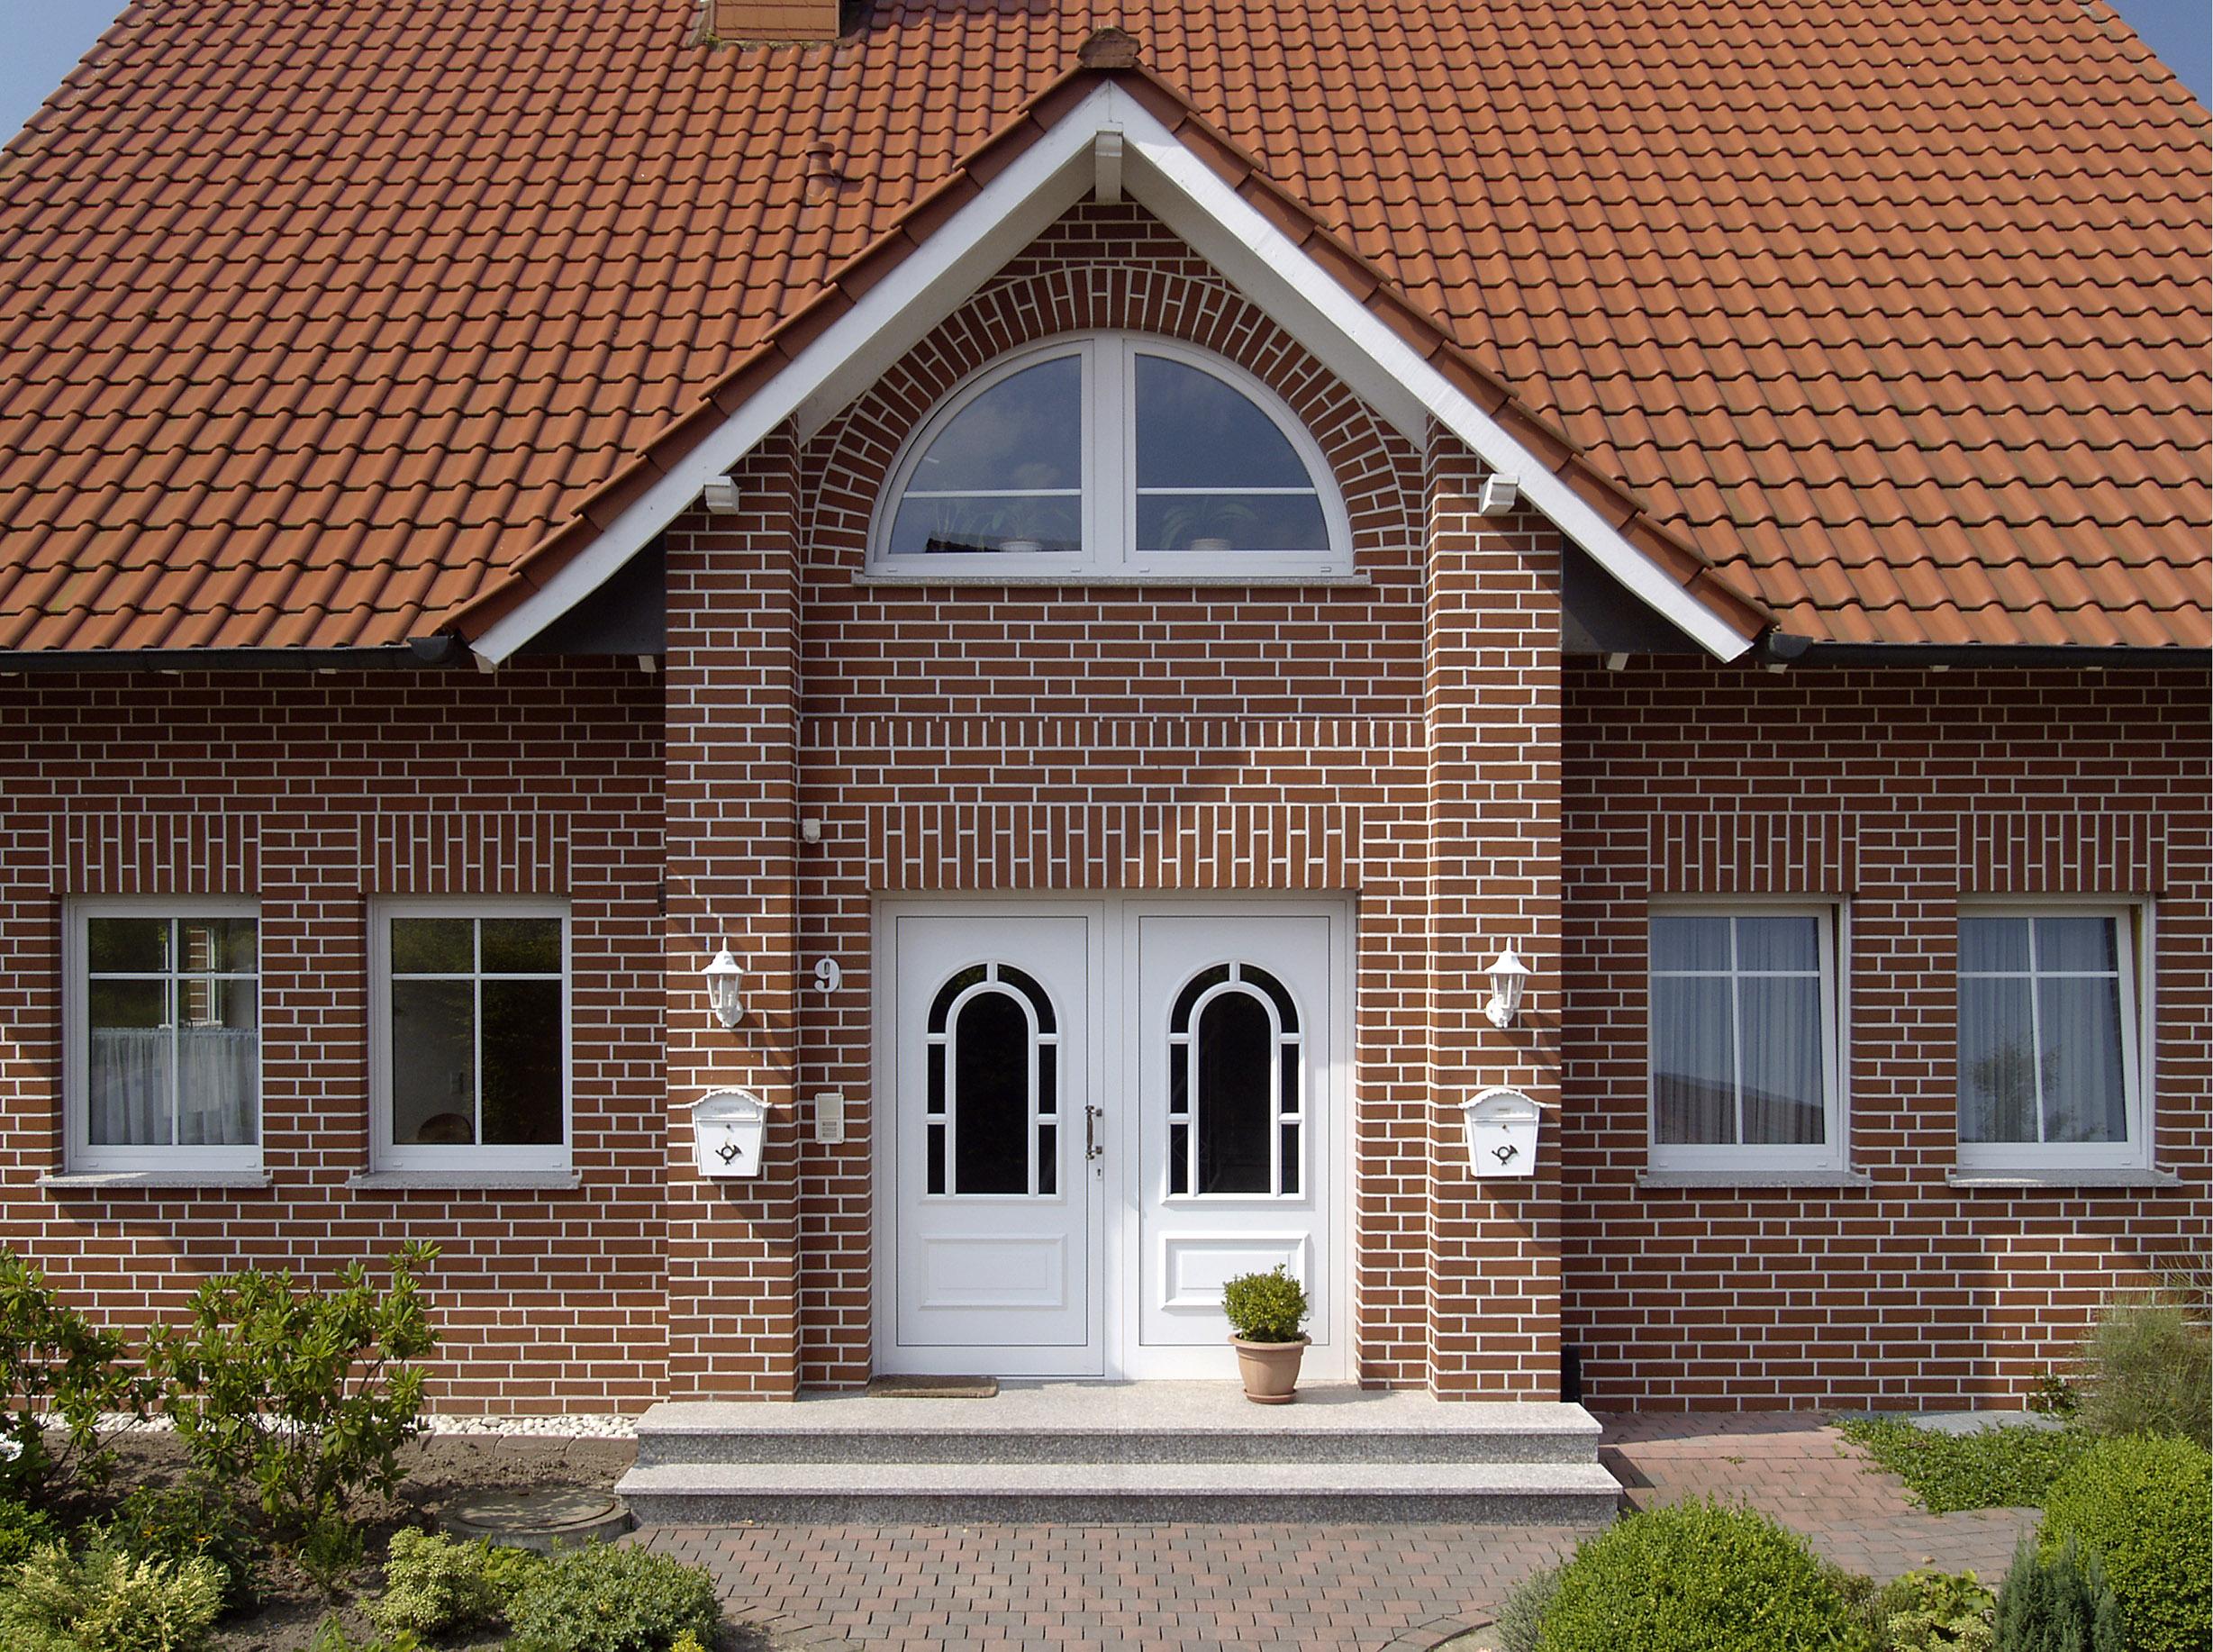 фото фасадов домов из облицовочного кирпича